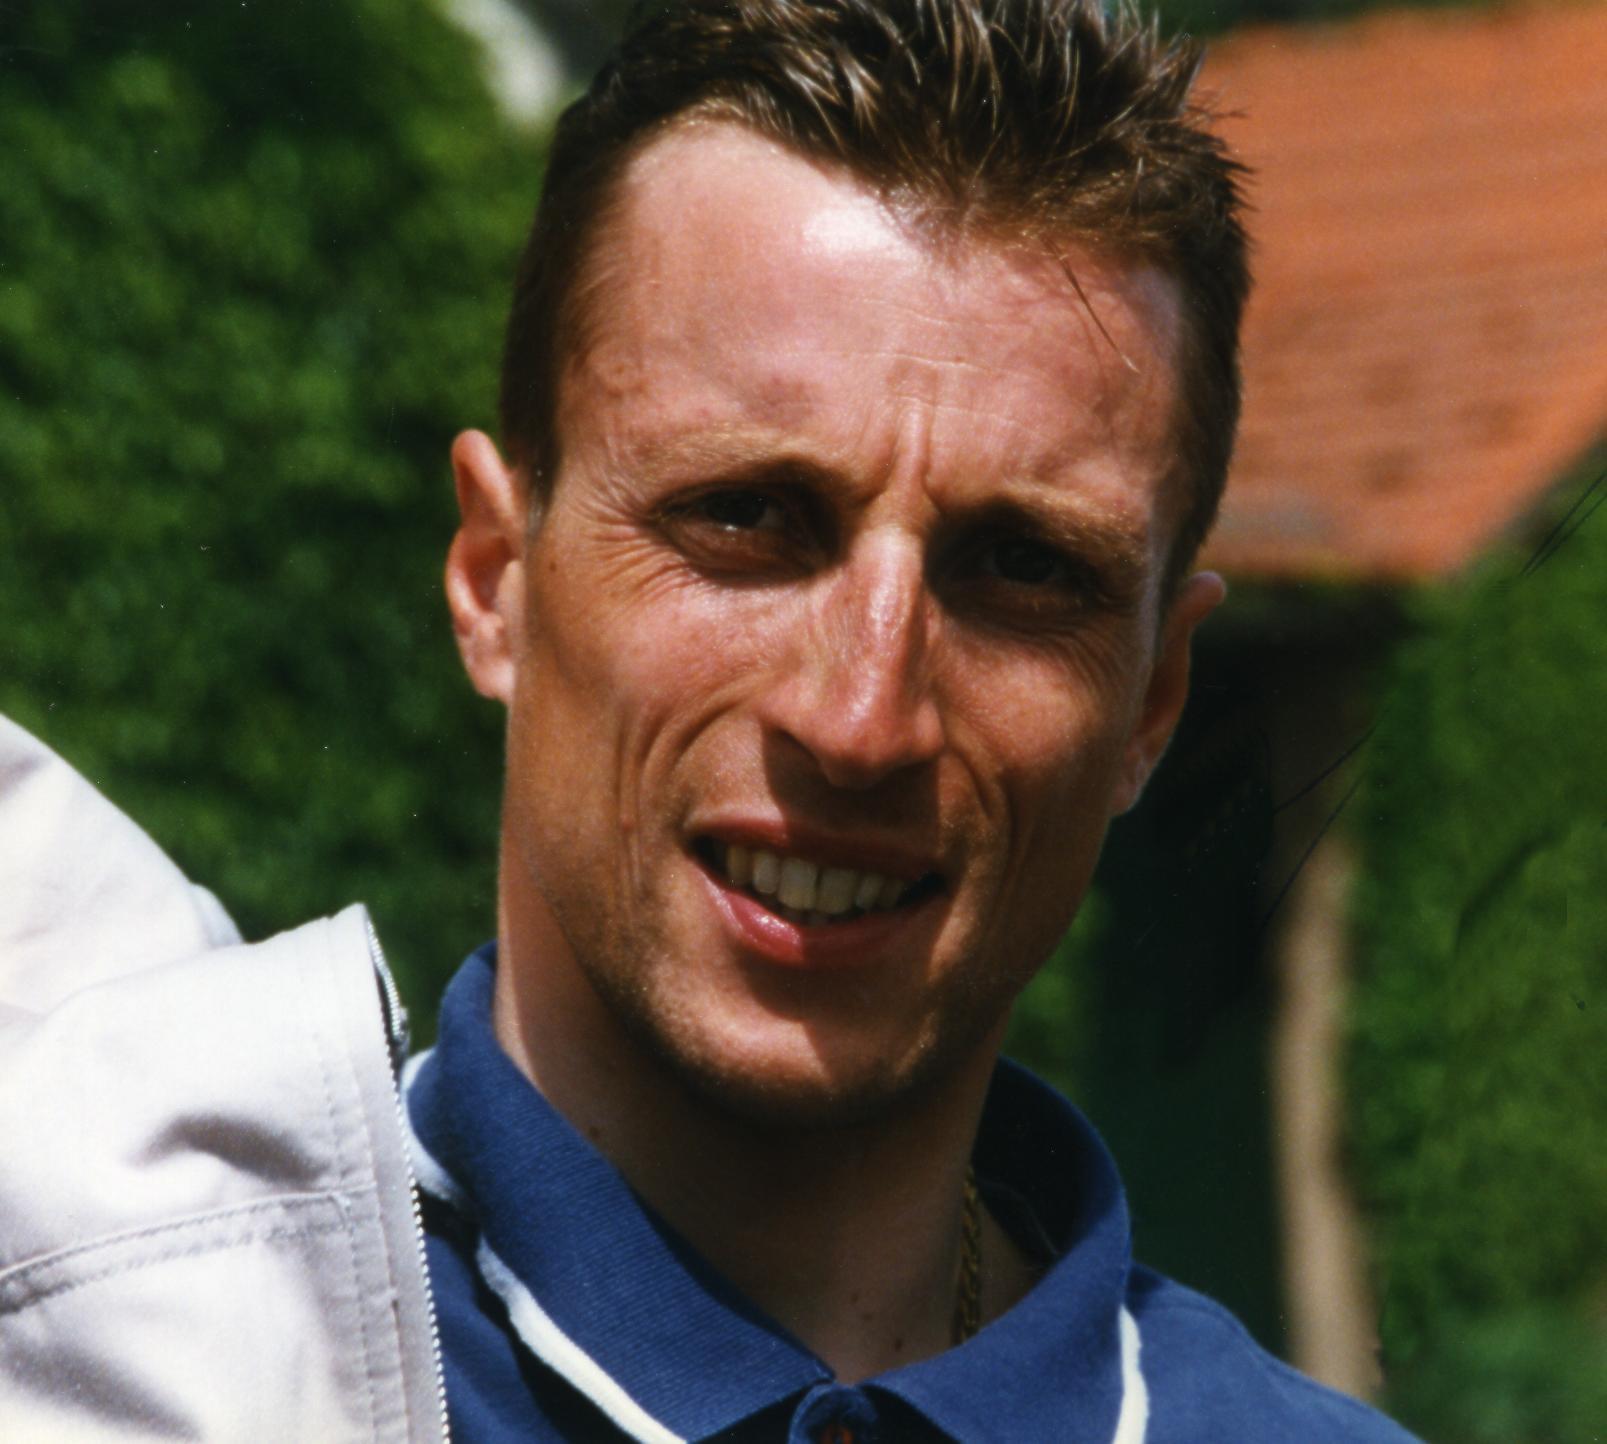 Maurizio Fondriest campione del Mondo anno 1988